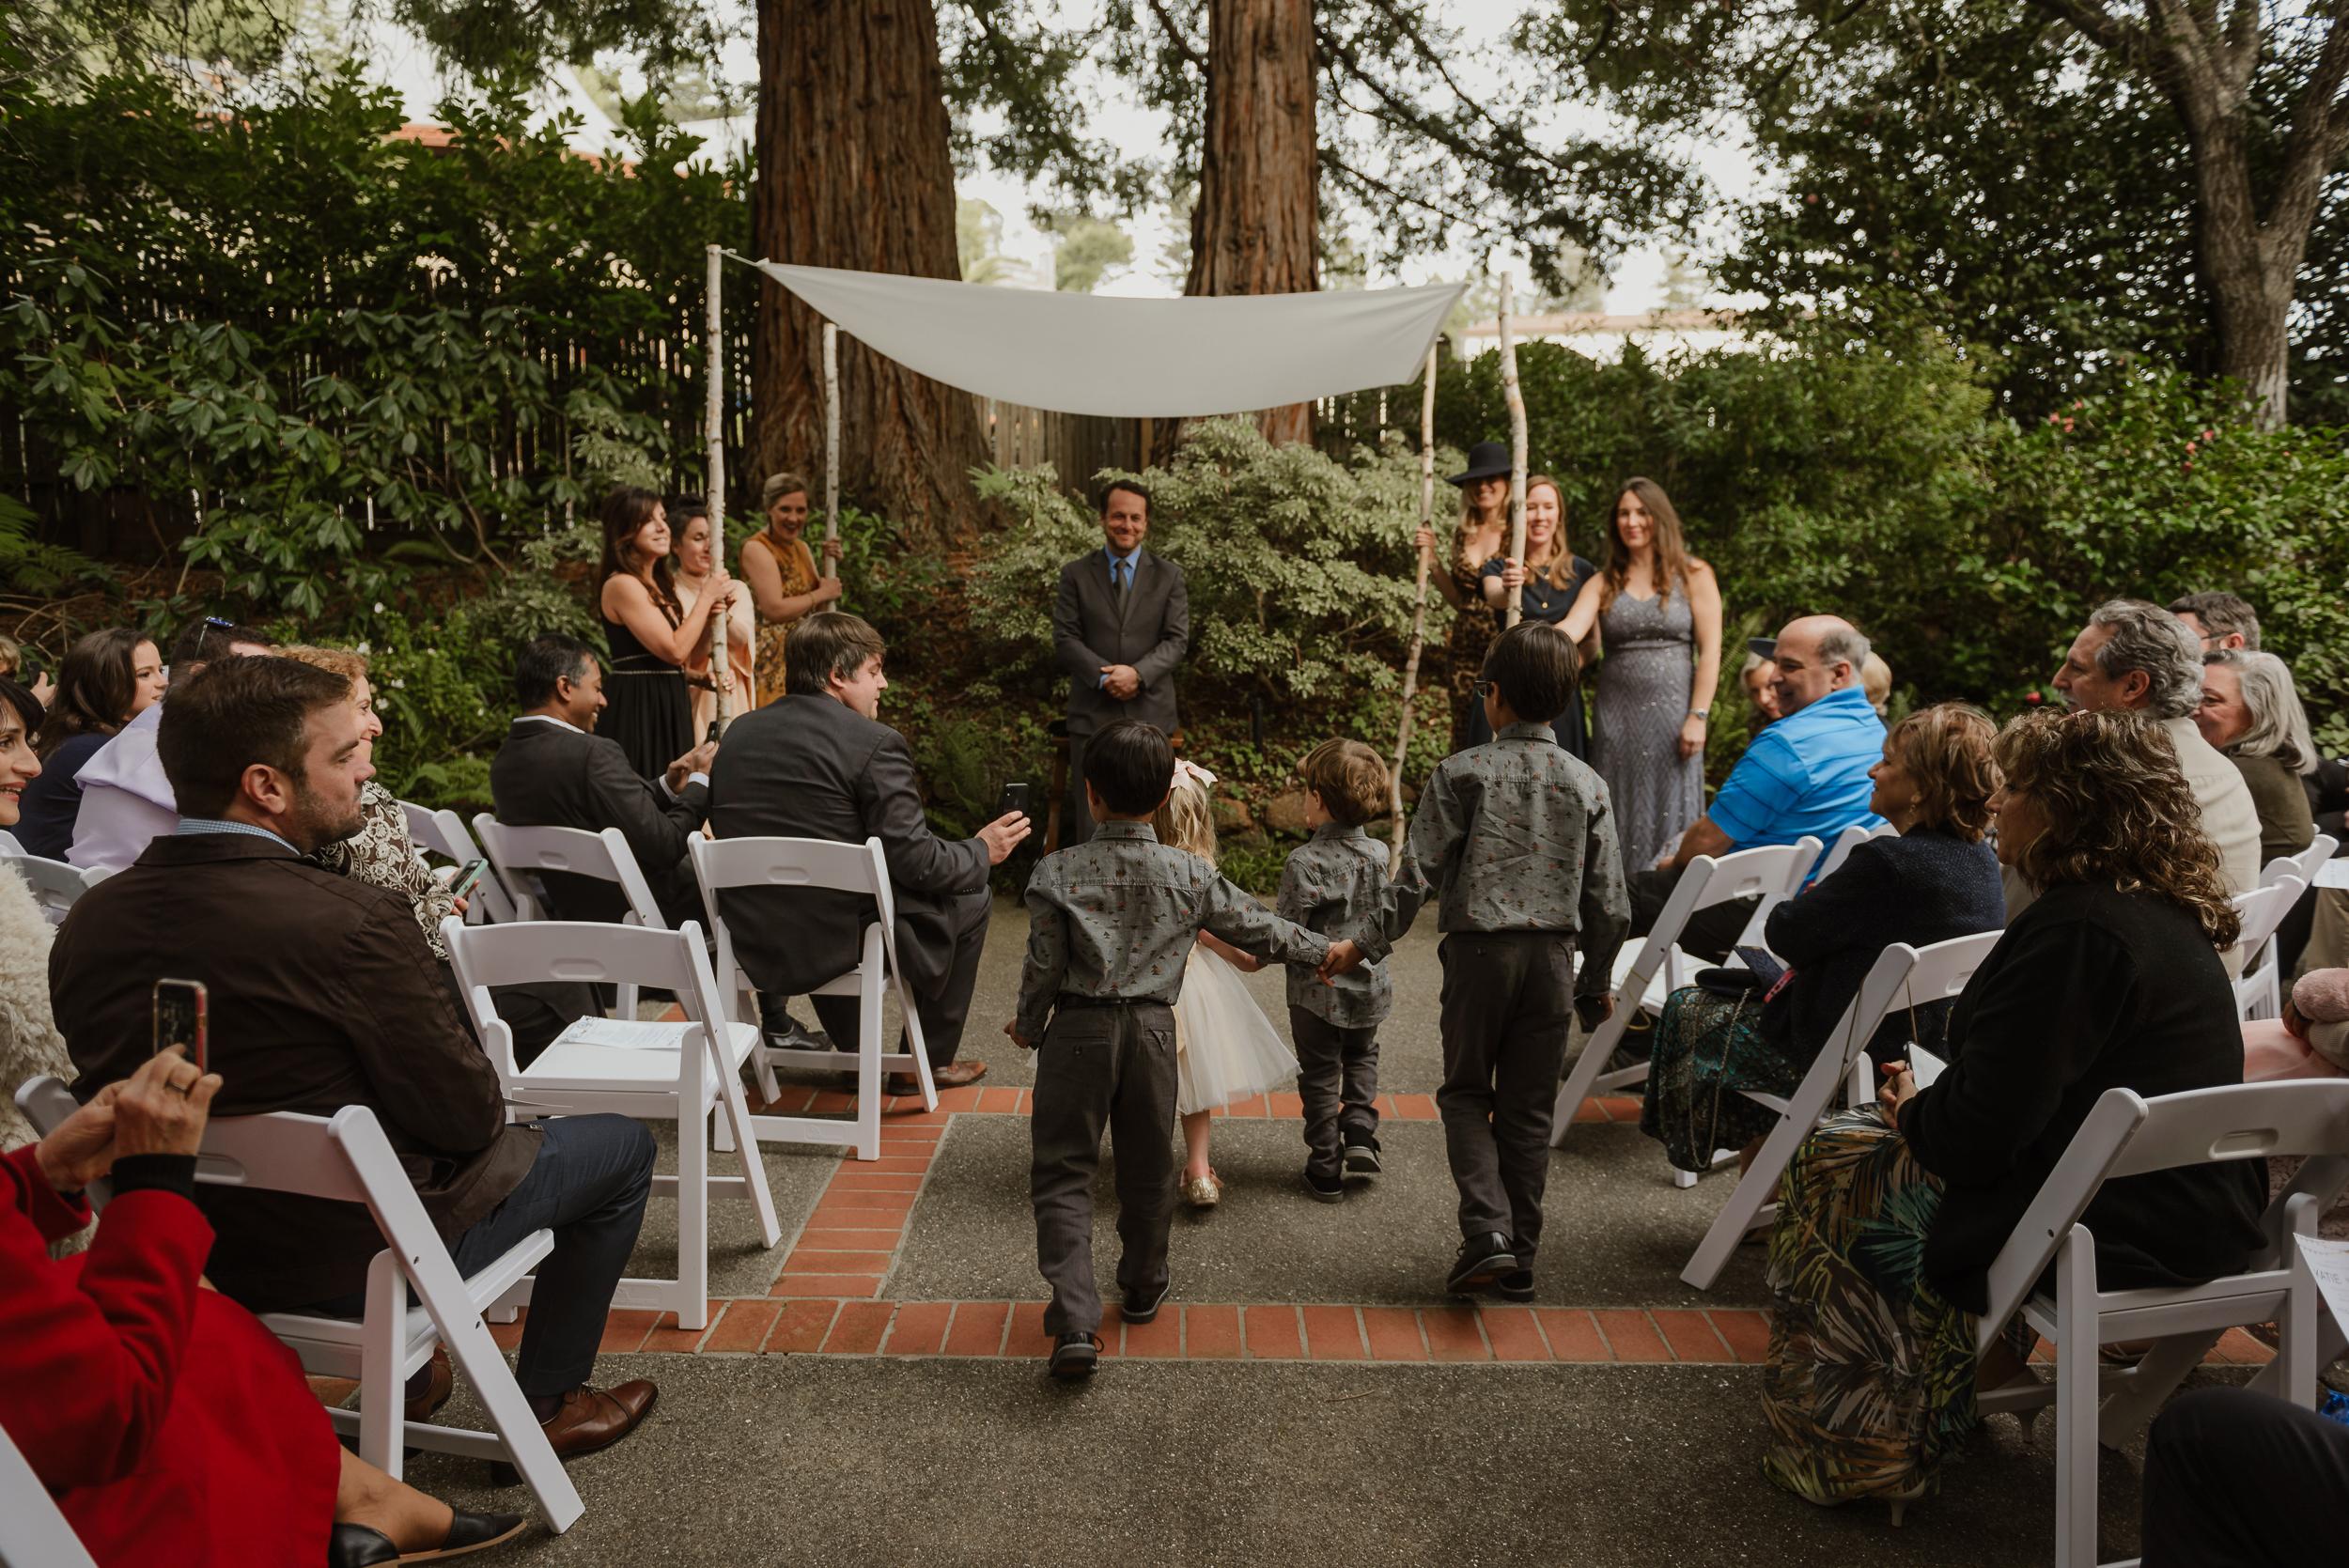 023winter-mill-valley-wedding-outdoor-art-club-wedding-vivianchen-129.jpg